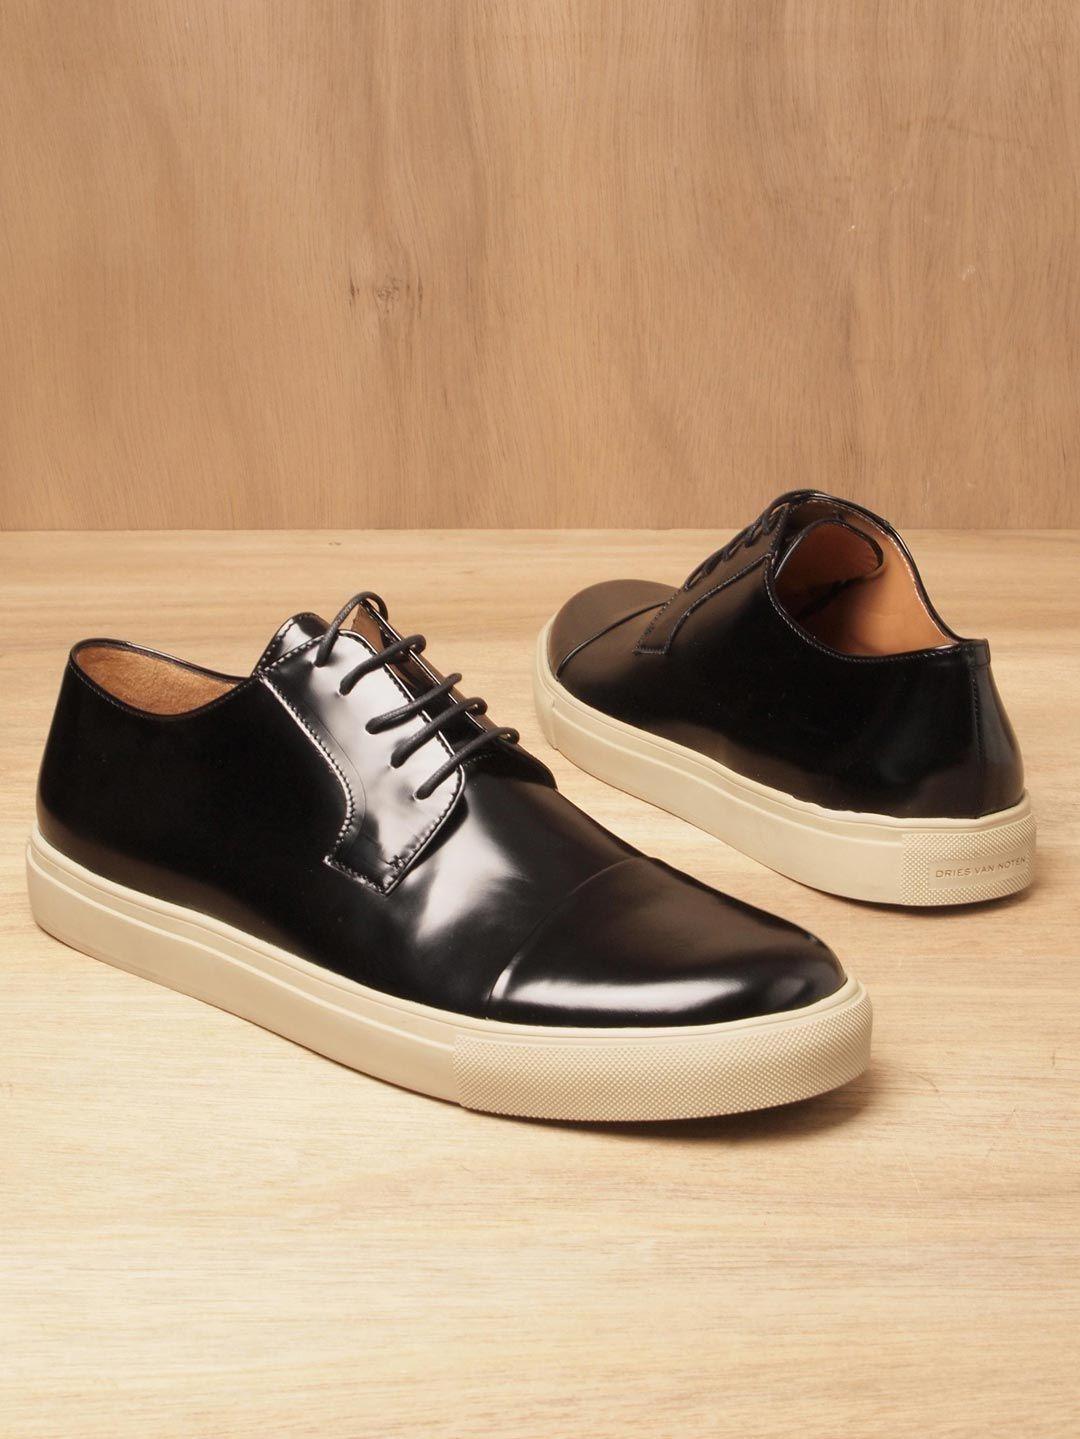 Dries Van Noten men's Leather Toe Cap